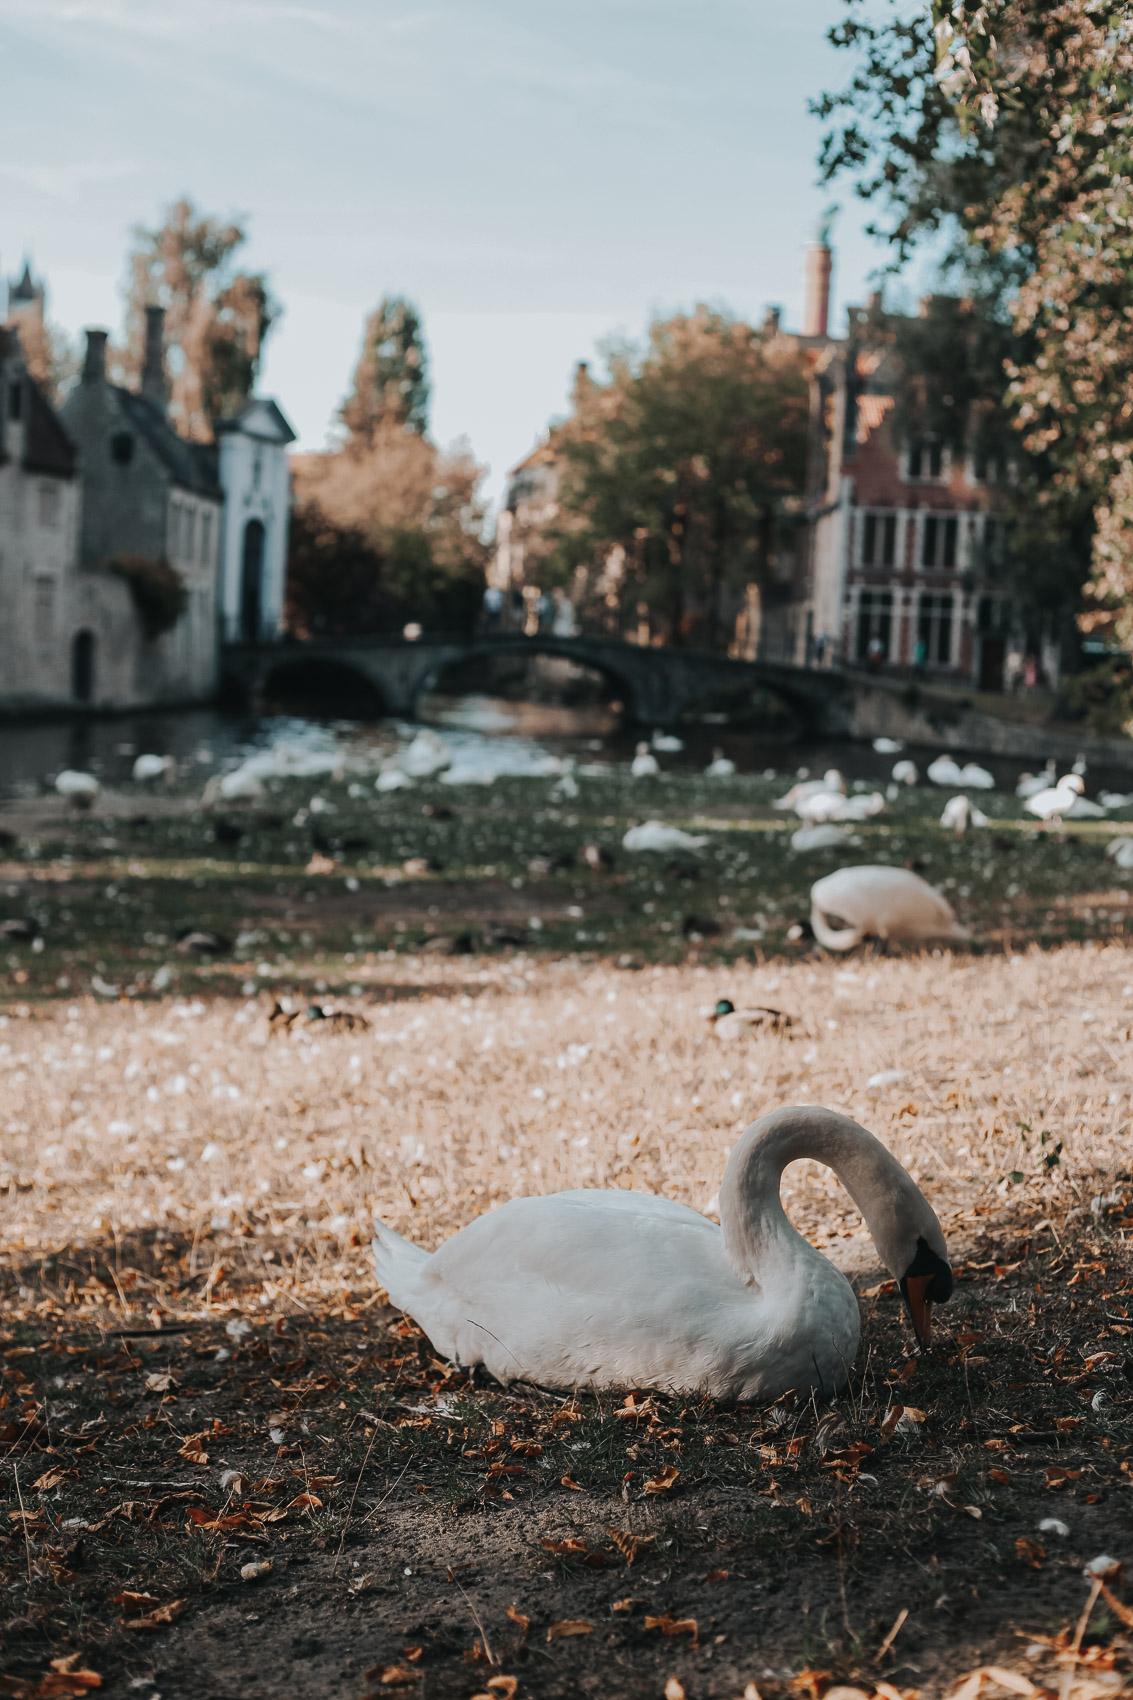 Minnewater & Begijnhof with swans in Bruges Belgium